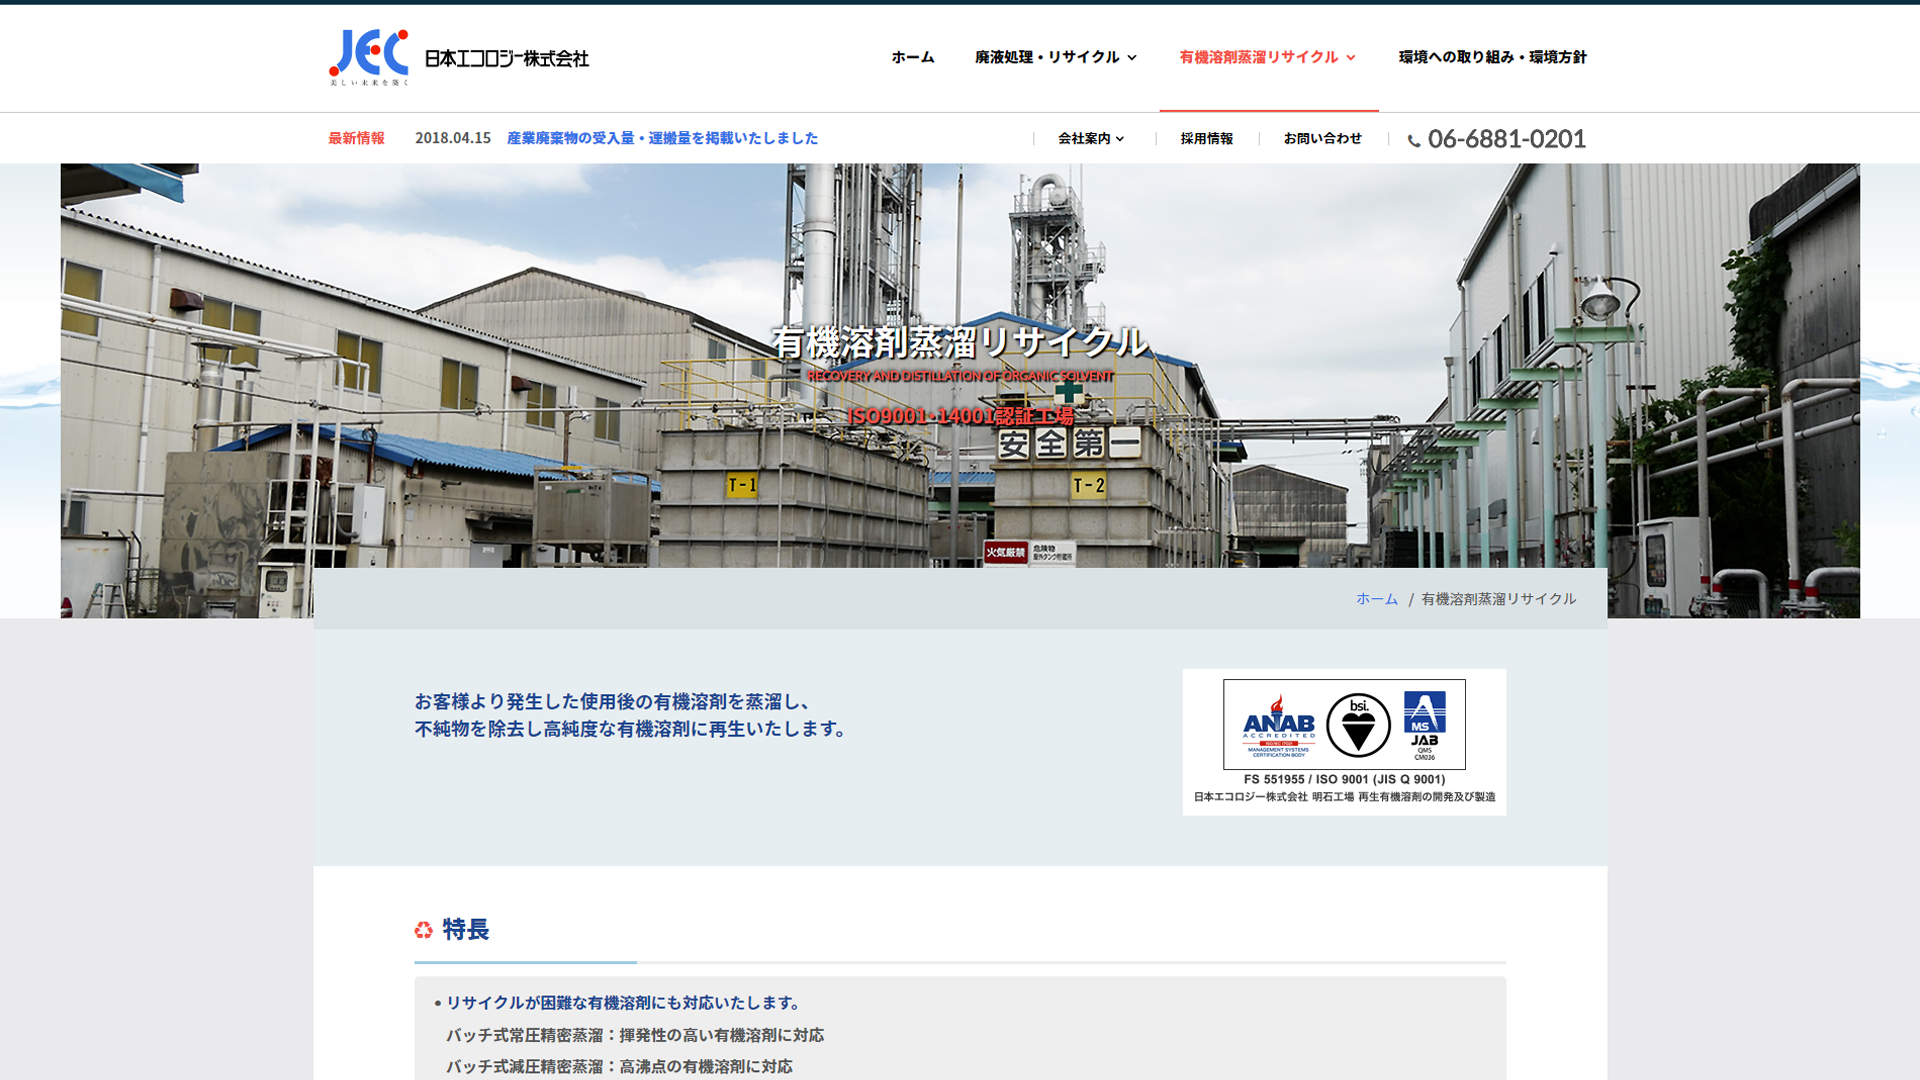 日本エコロジー株式会社 様